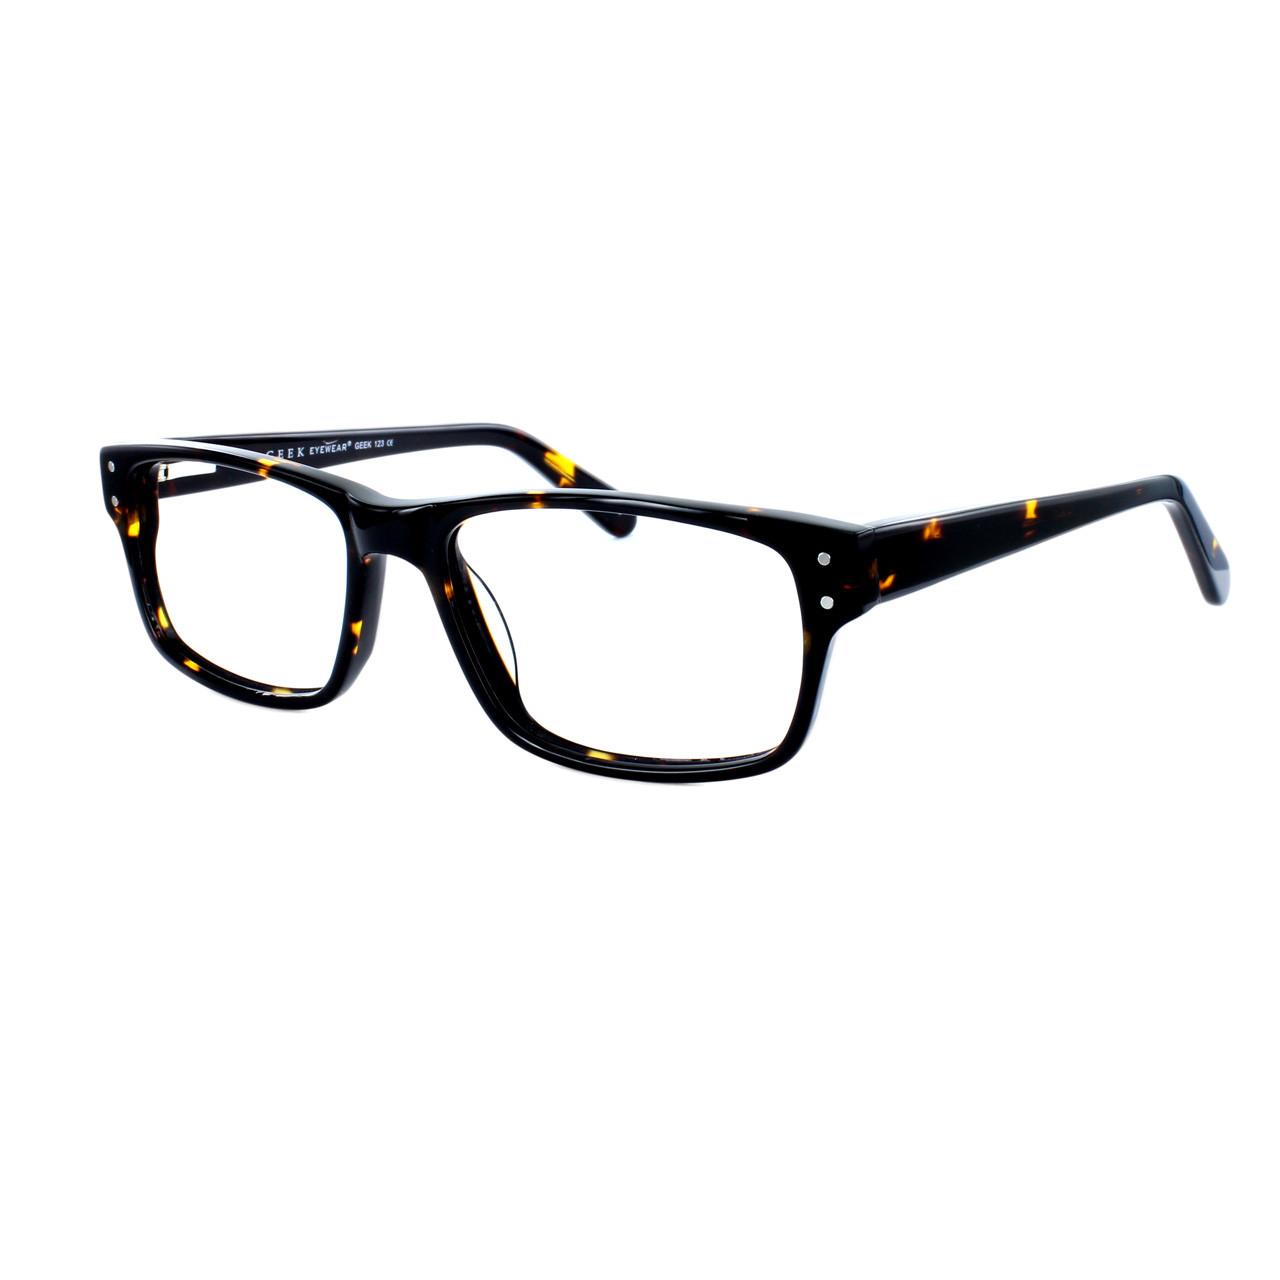 Geek 123 Tortoise